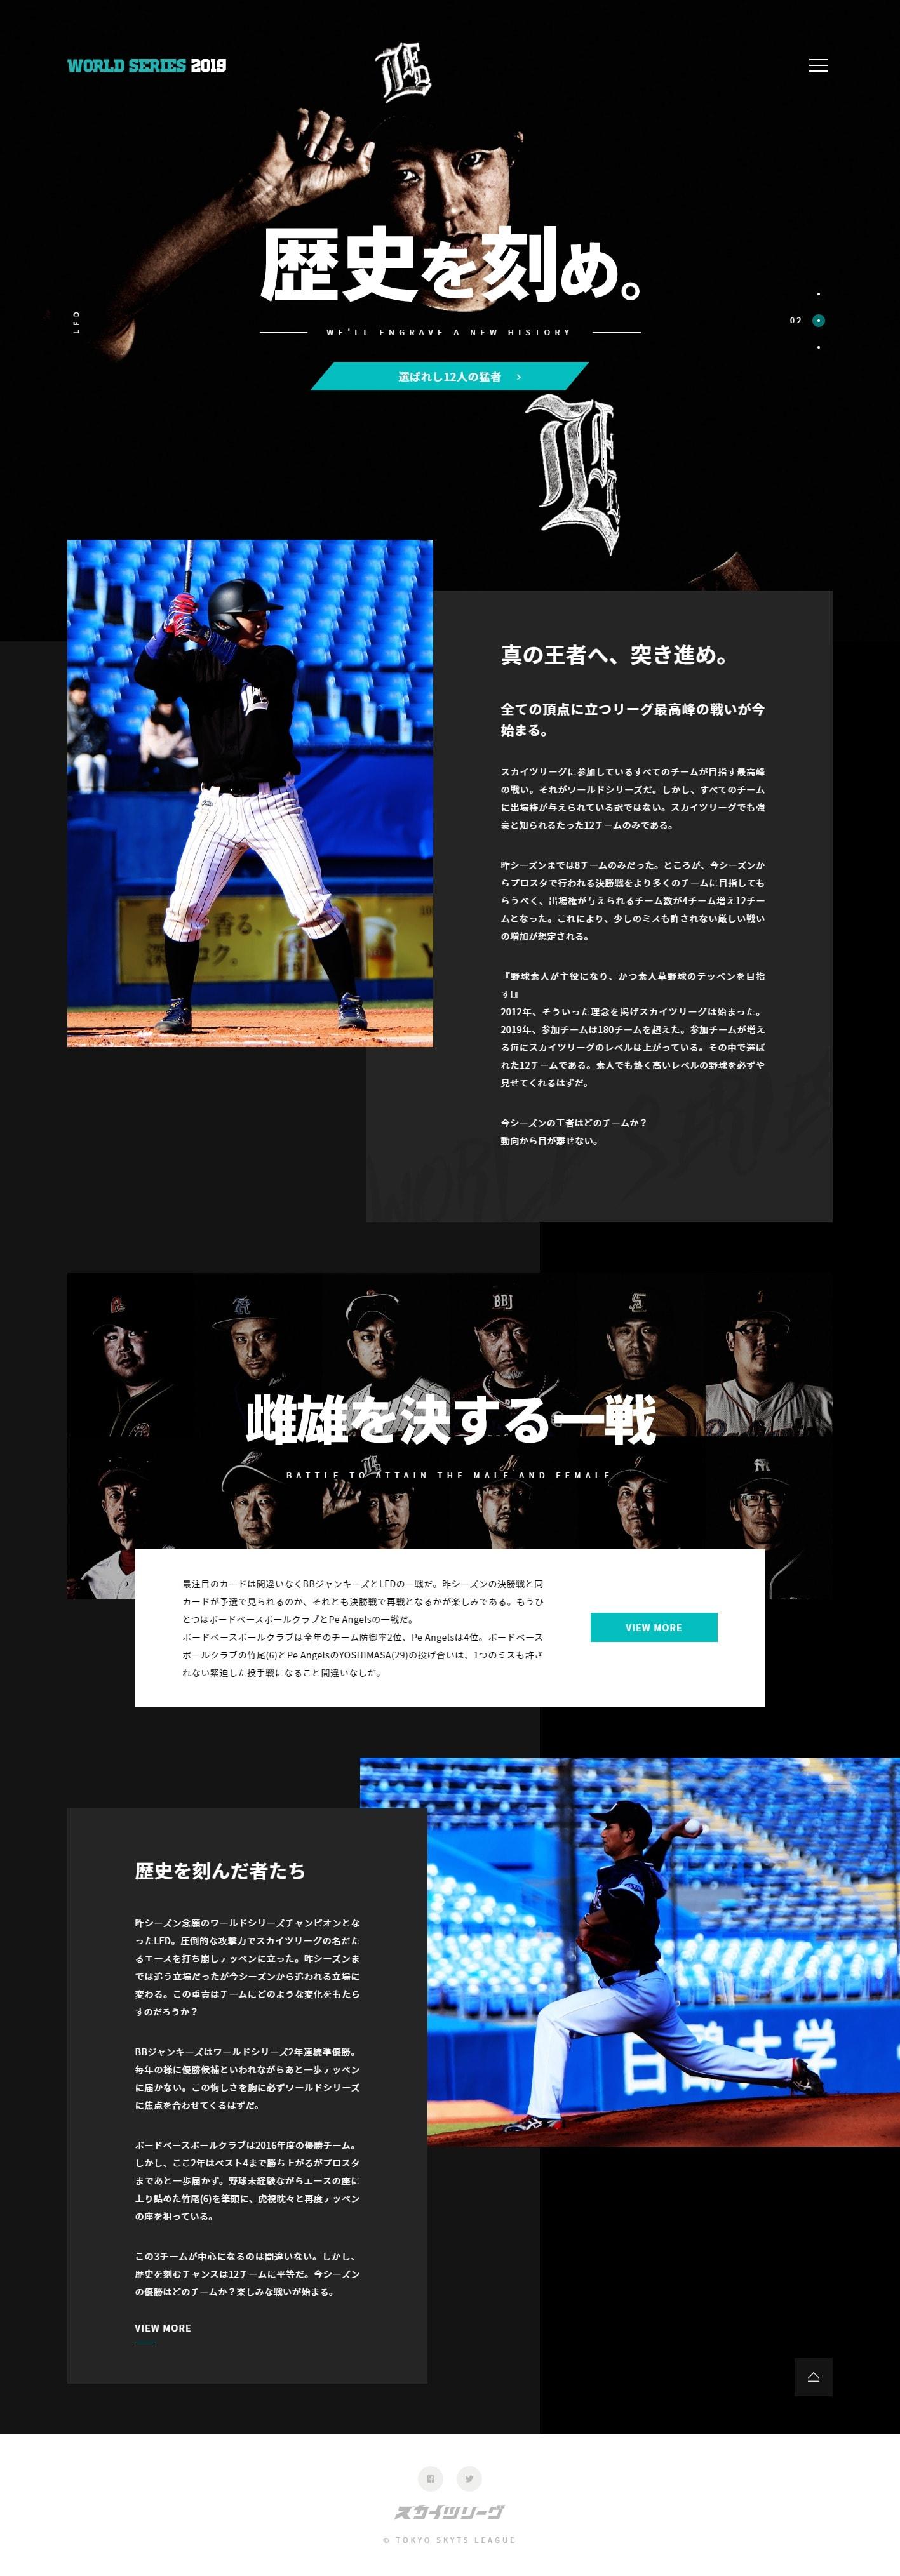 草野球ワールドシリーズ2019